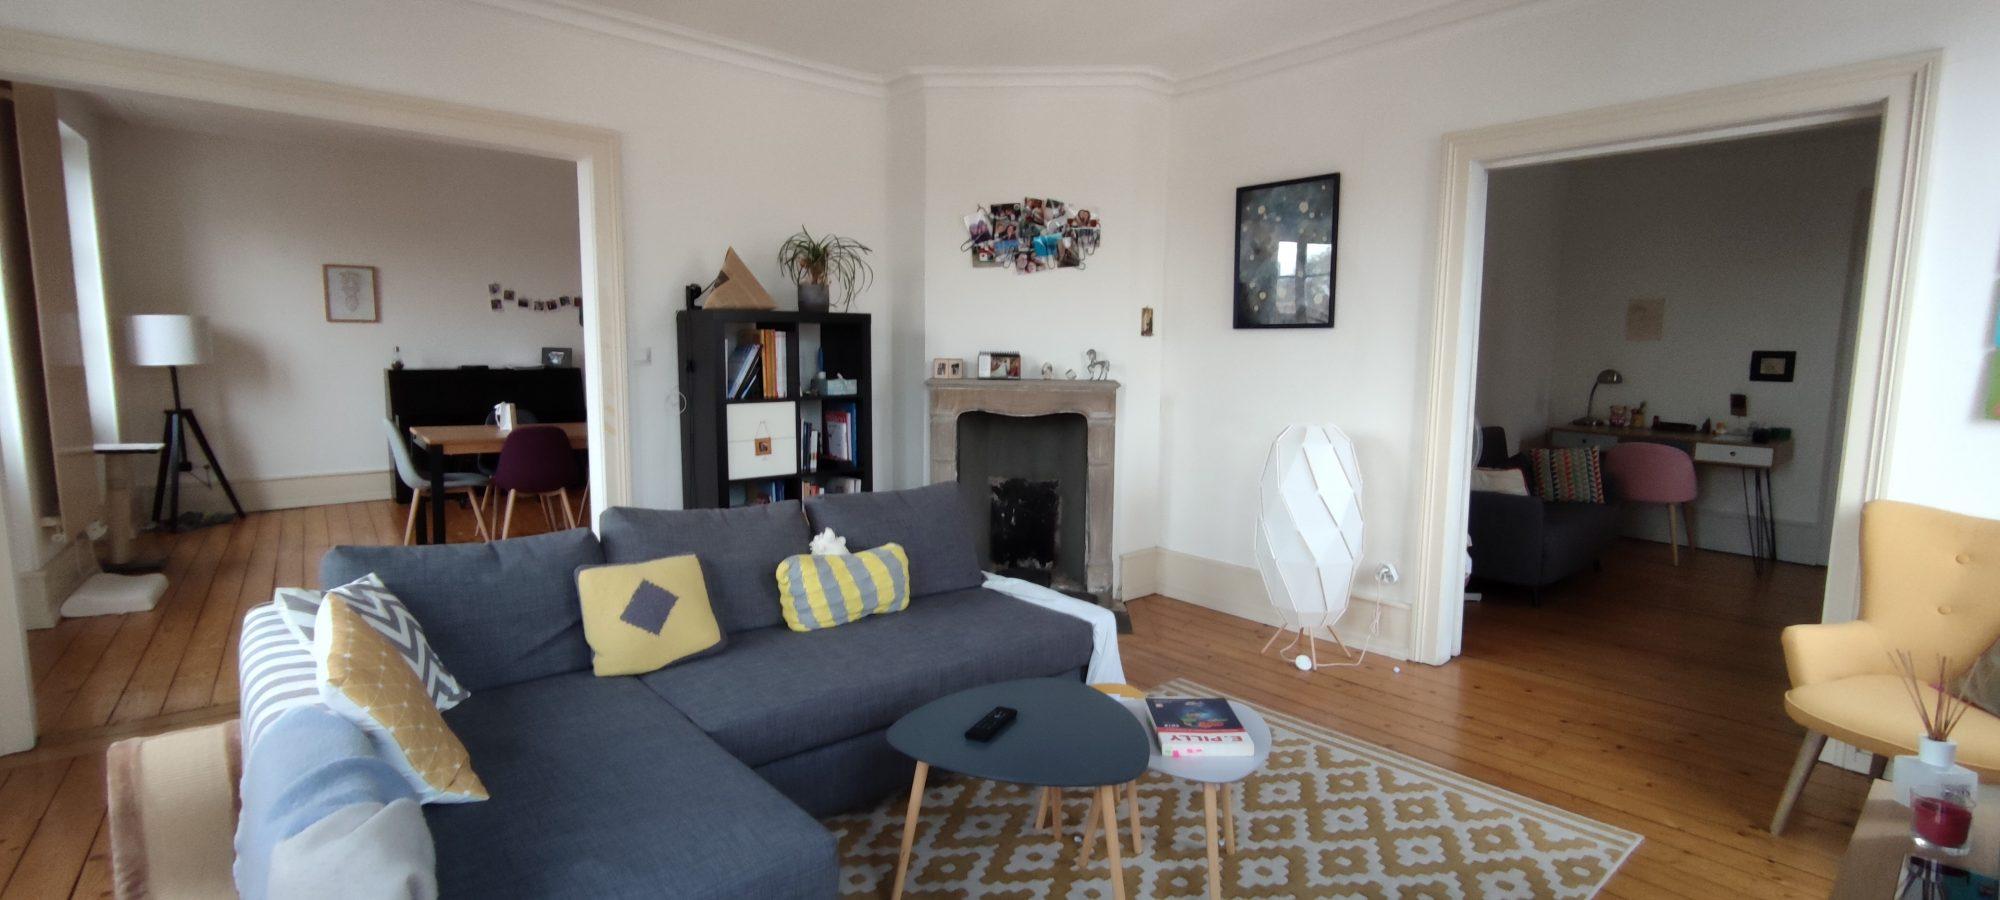 HOPITAL CIVIL Appartement 3/4 pièces de 88 m²